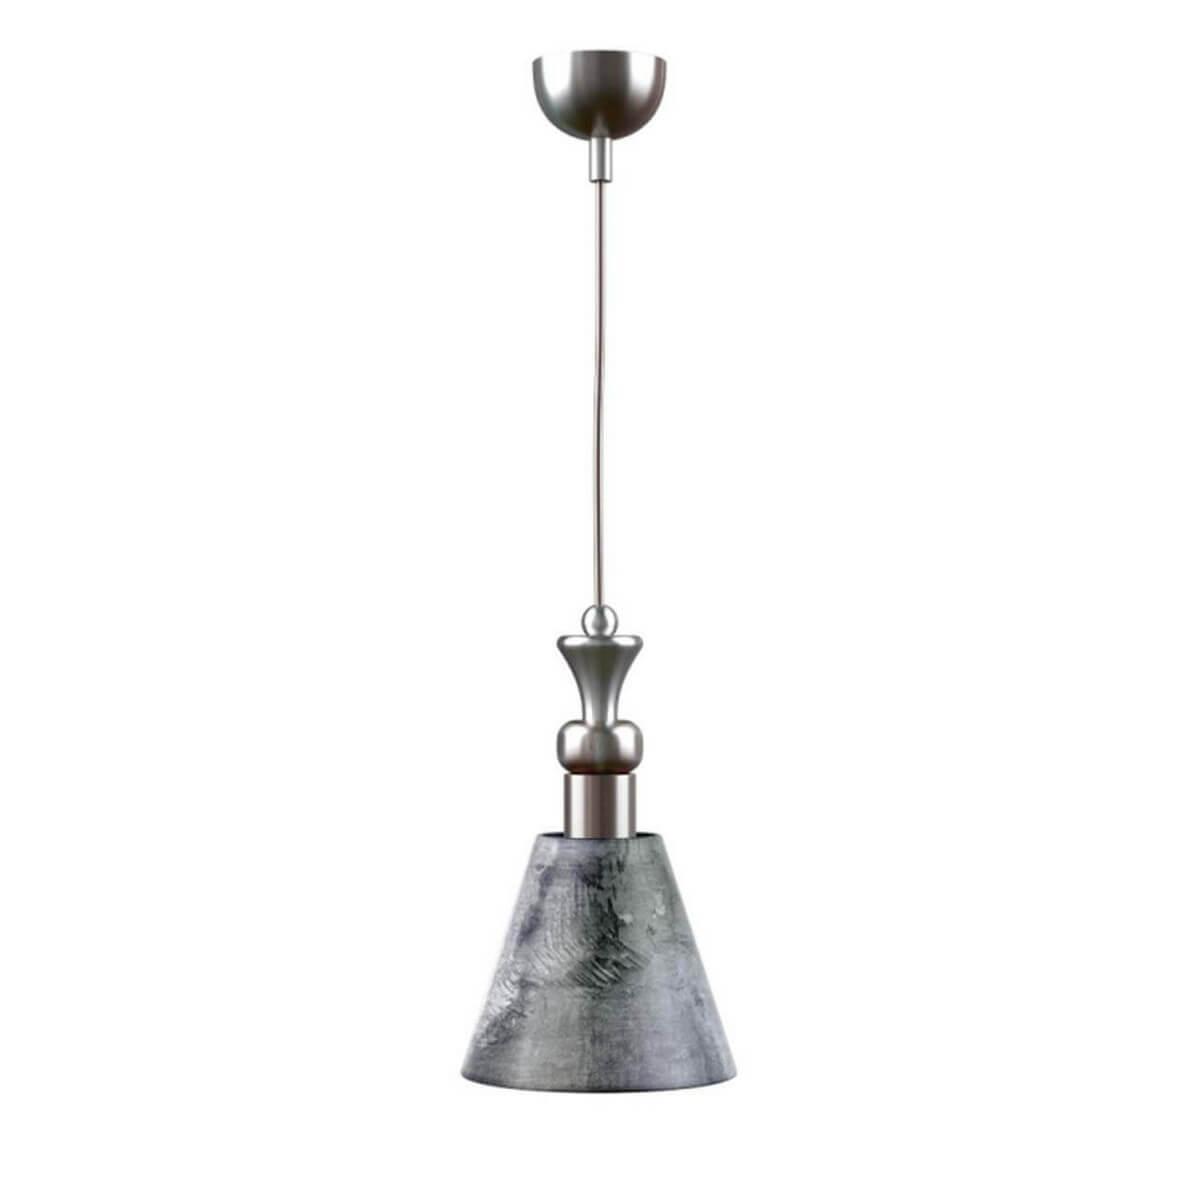 Подвесной светильник Lamp4You M-00-DN-LMP-O-11, E14, 40 Вт